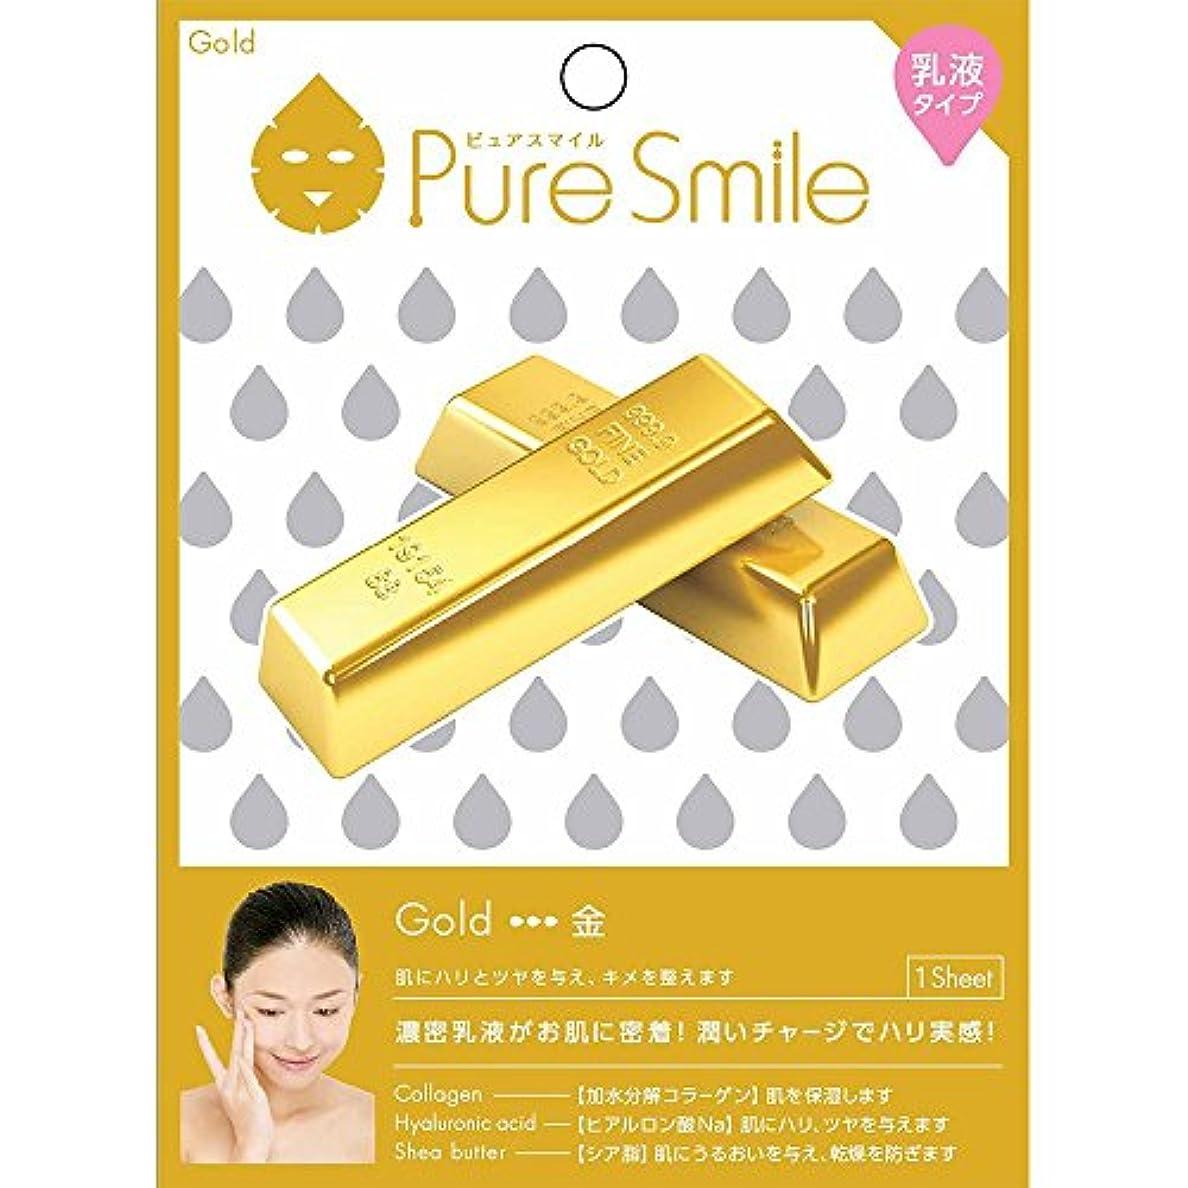 多年生スクラップブックみぞれPure Smile(ピュアスマイル) 乳液エッセンスマスク 1 枚 金